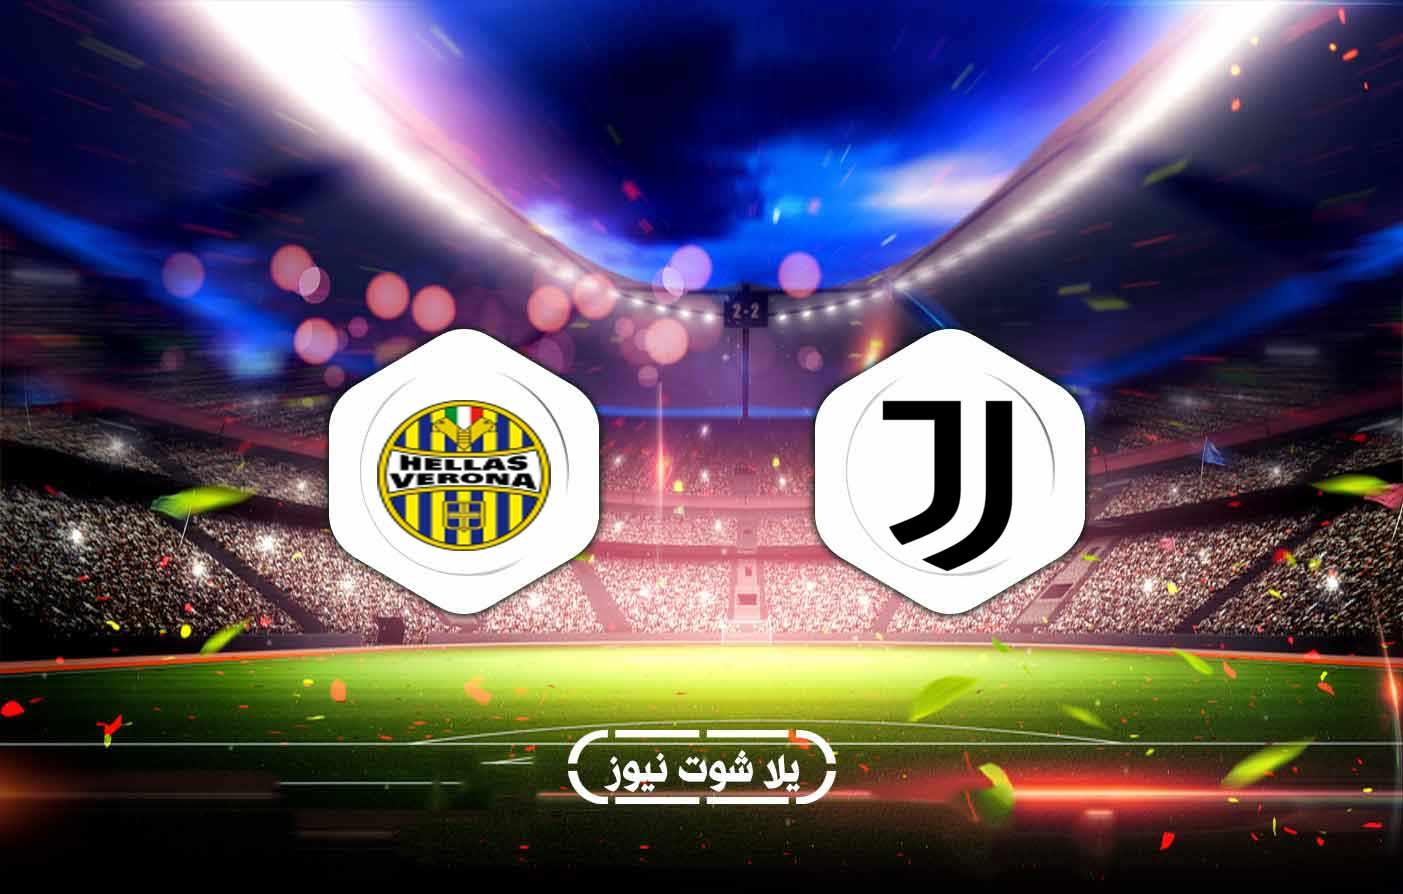 ملخص مباراة يوفنتوس 1-1 هيلاس فيرونا بتاريخ 2020-10-26 الدوري الايطالي